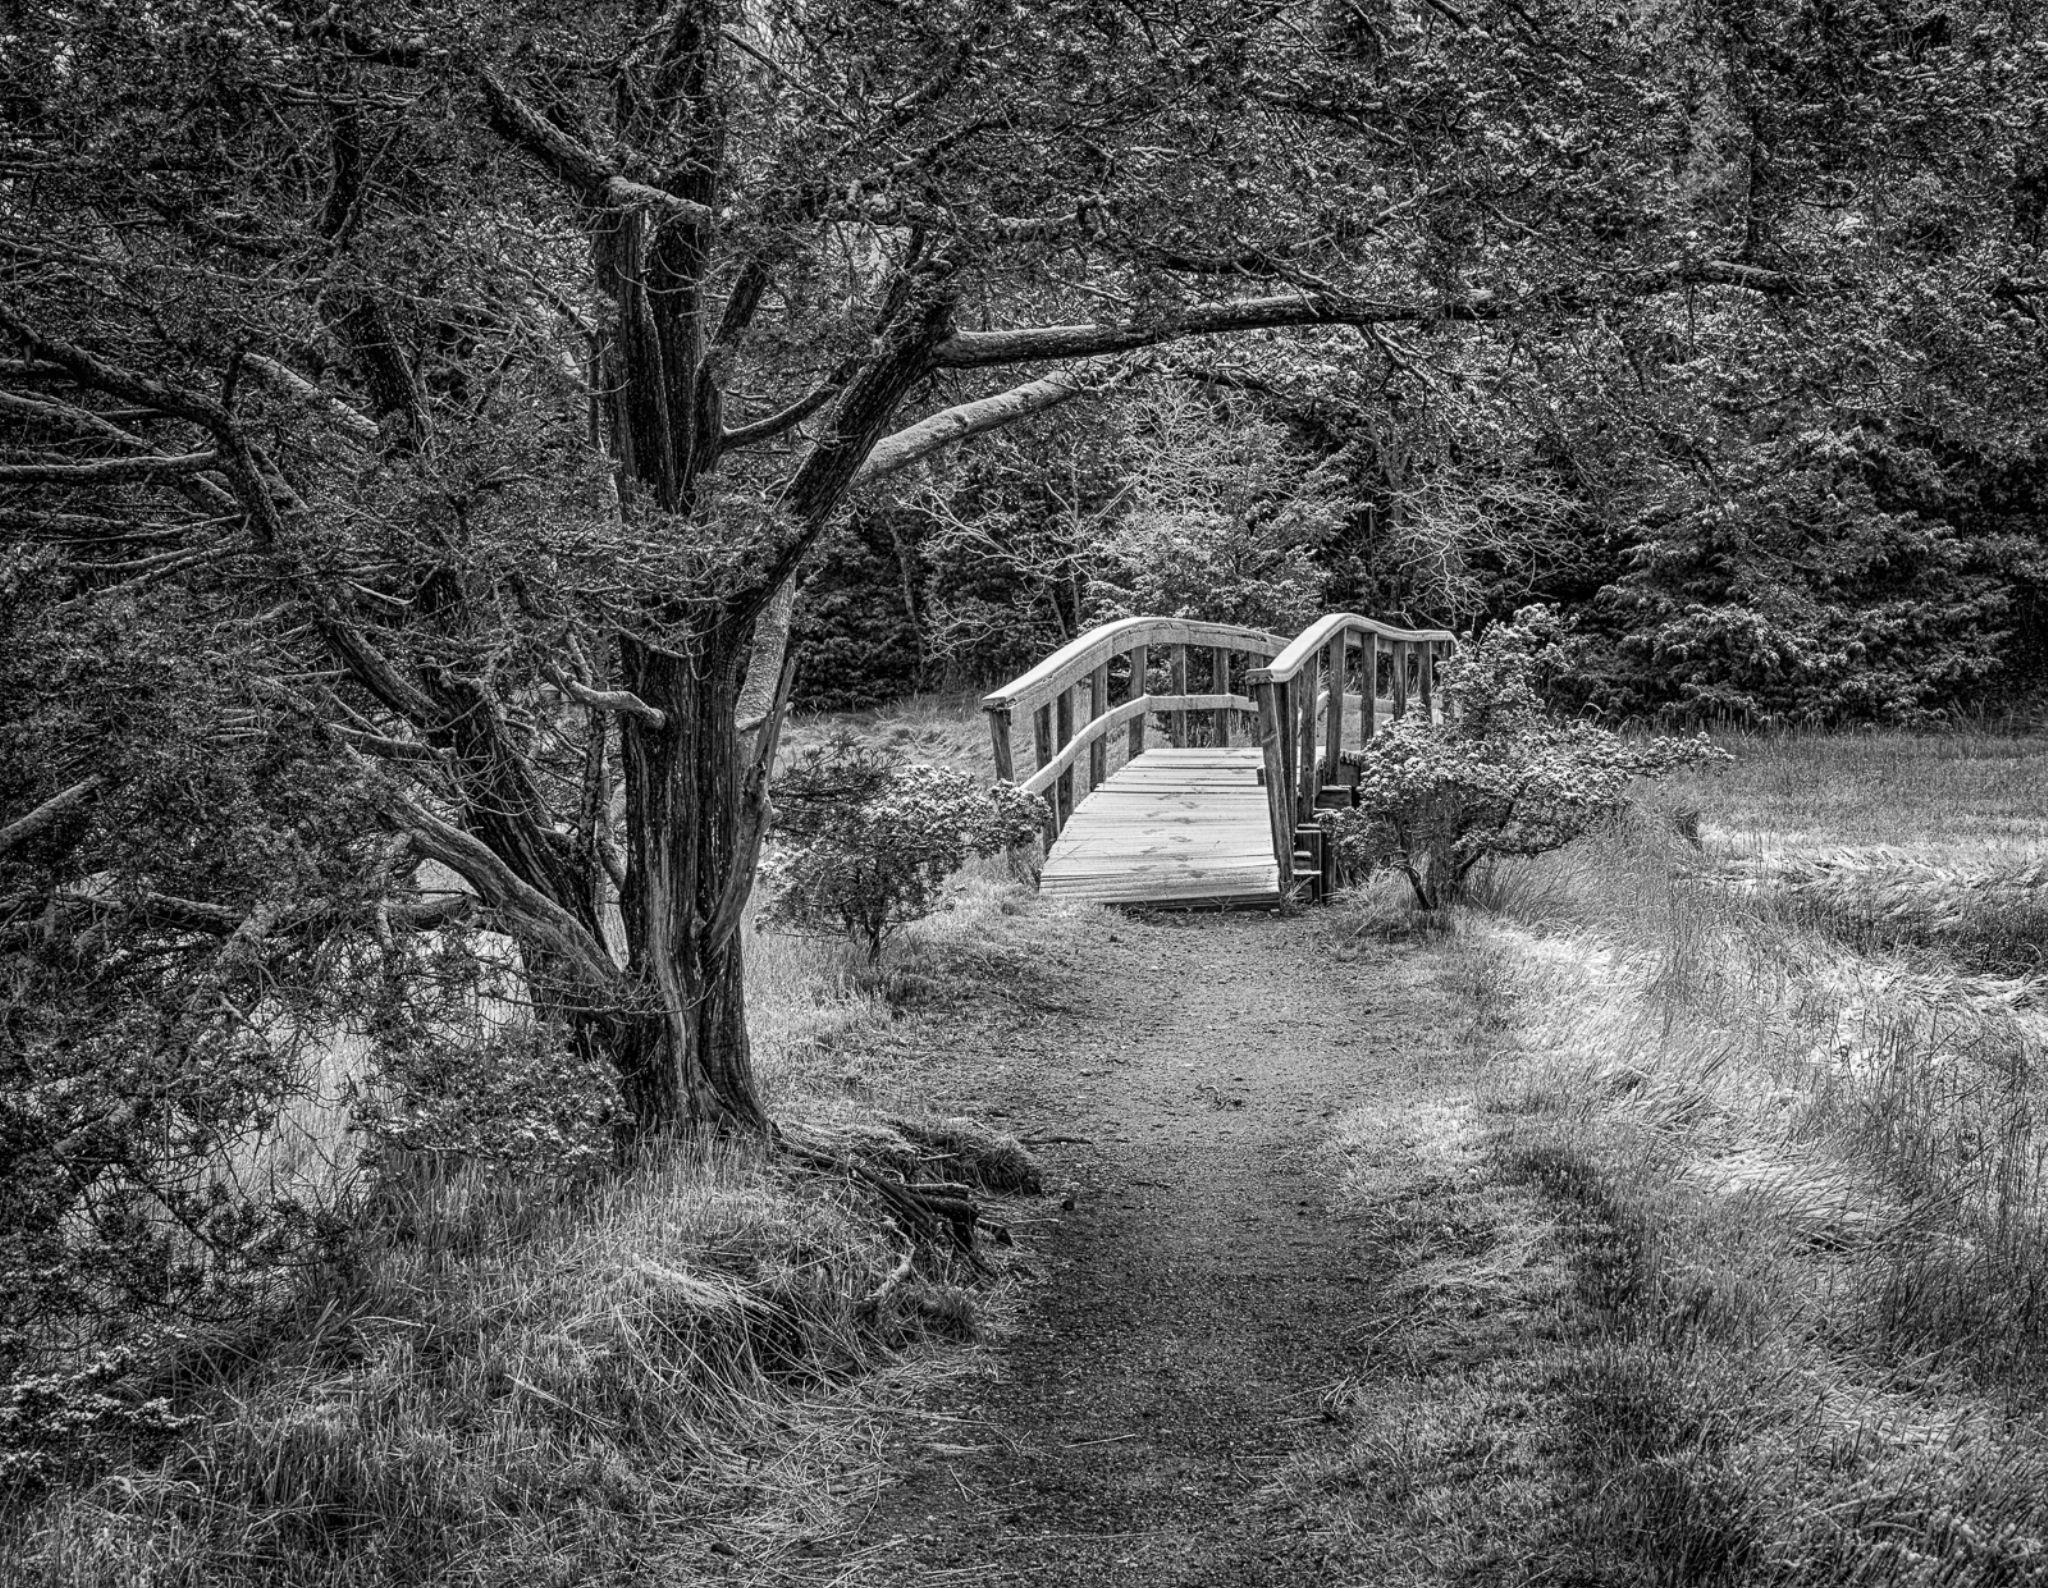 The Bridge by John Klingel